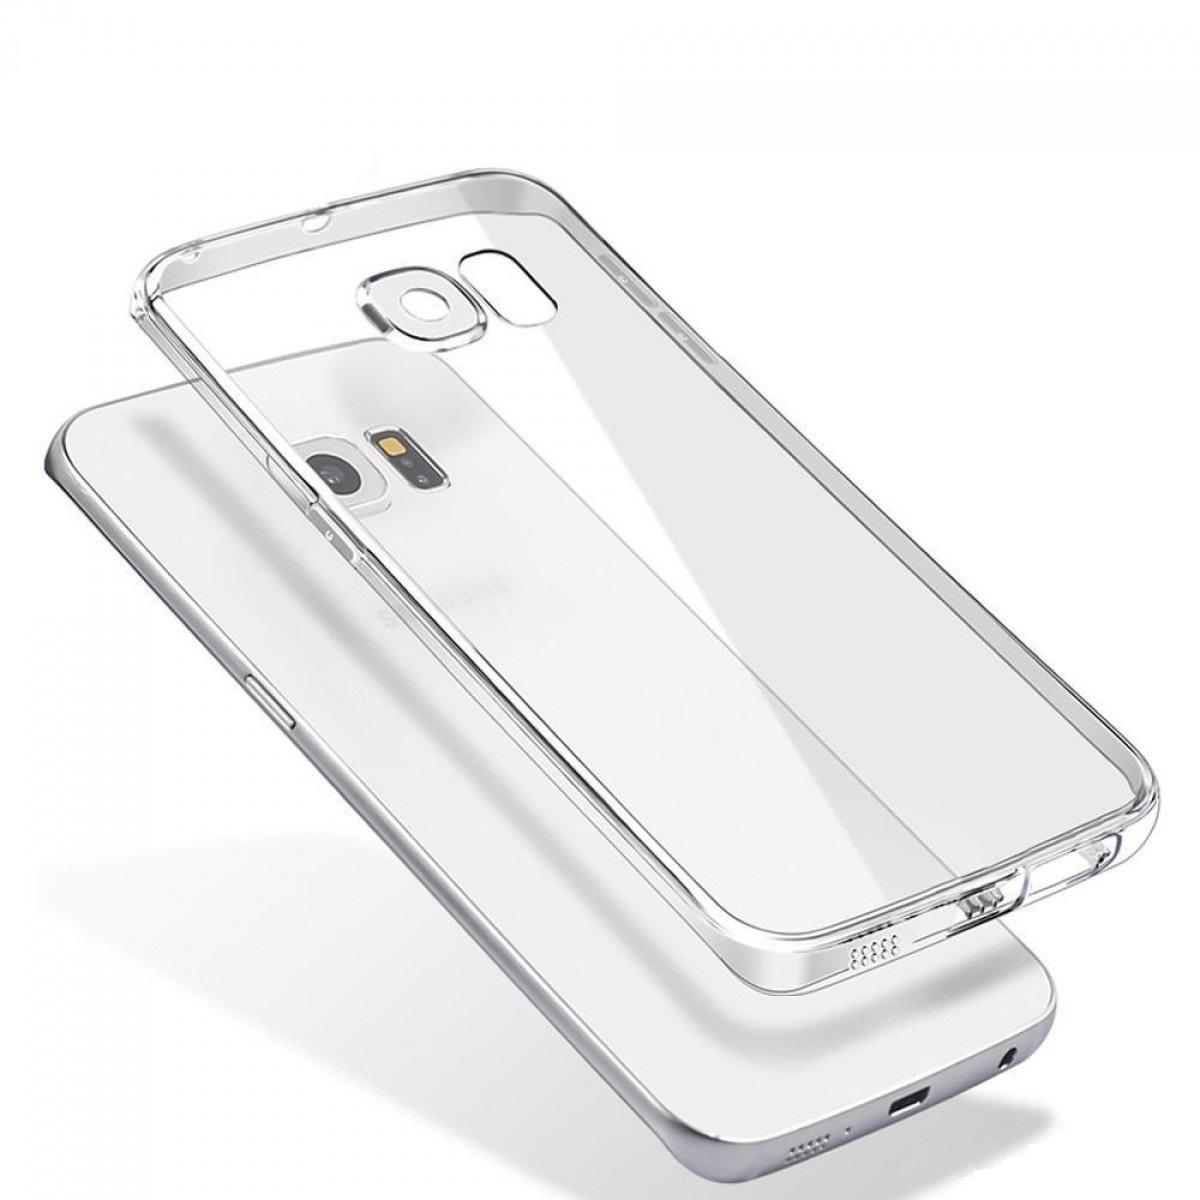 کاور مدل Clear مناسب برای گوشی موبایل سامسونگ Galaxy S7